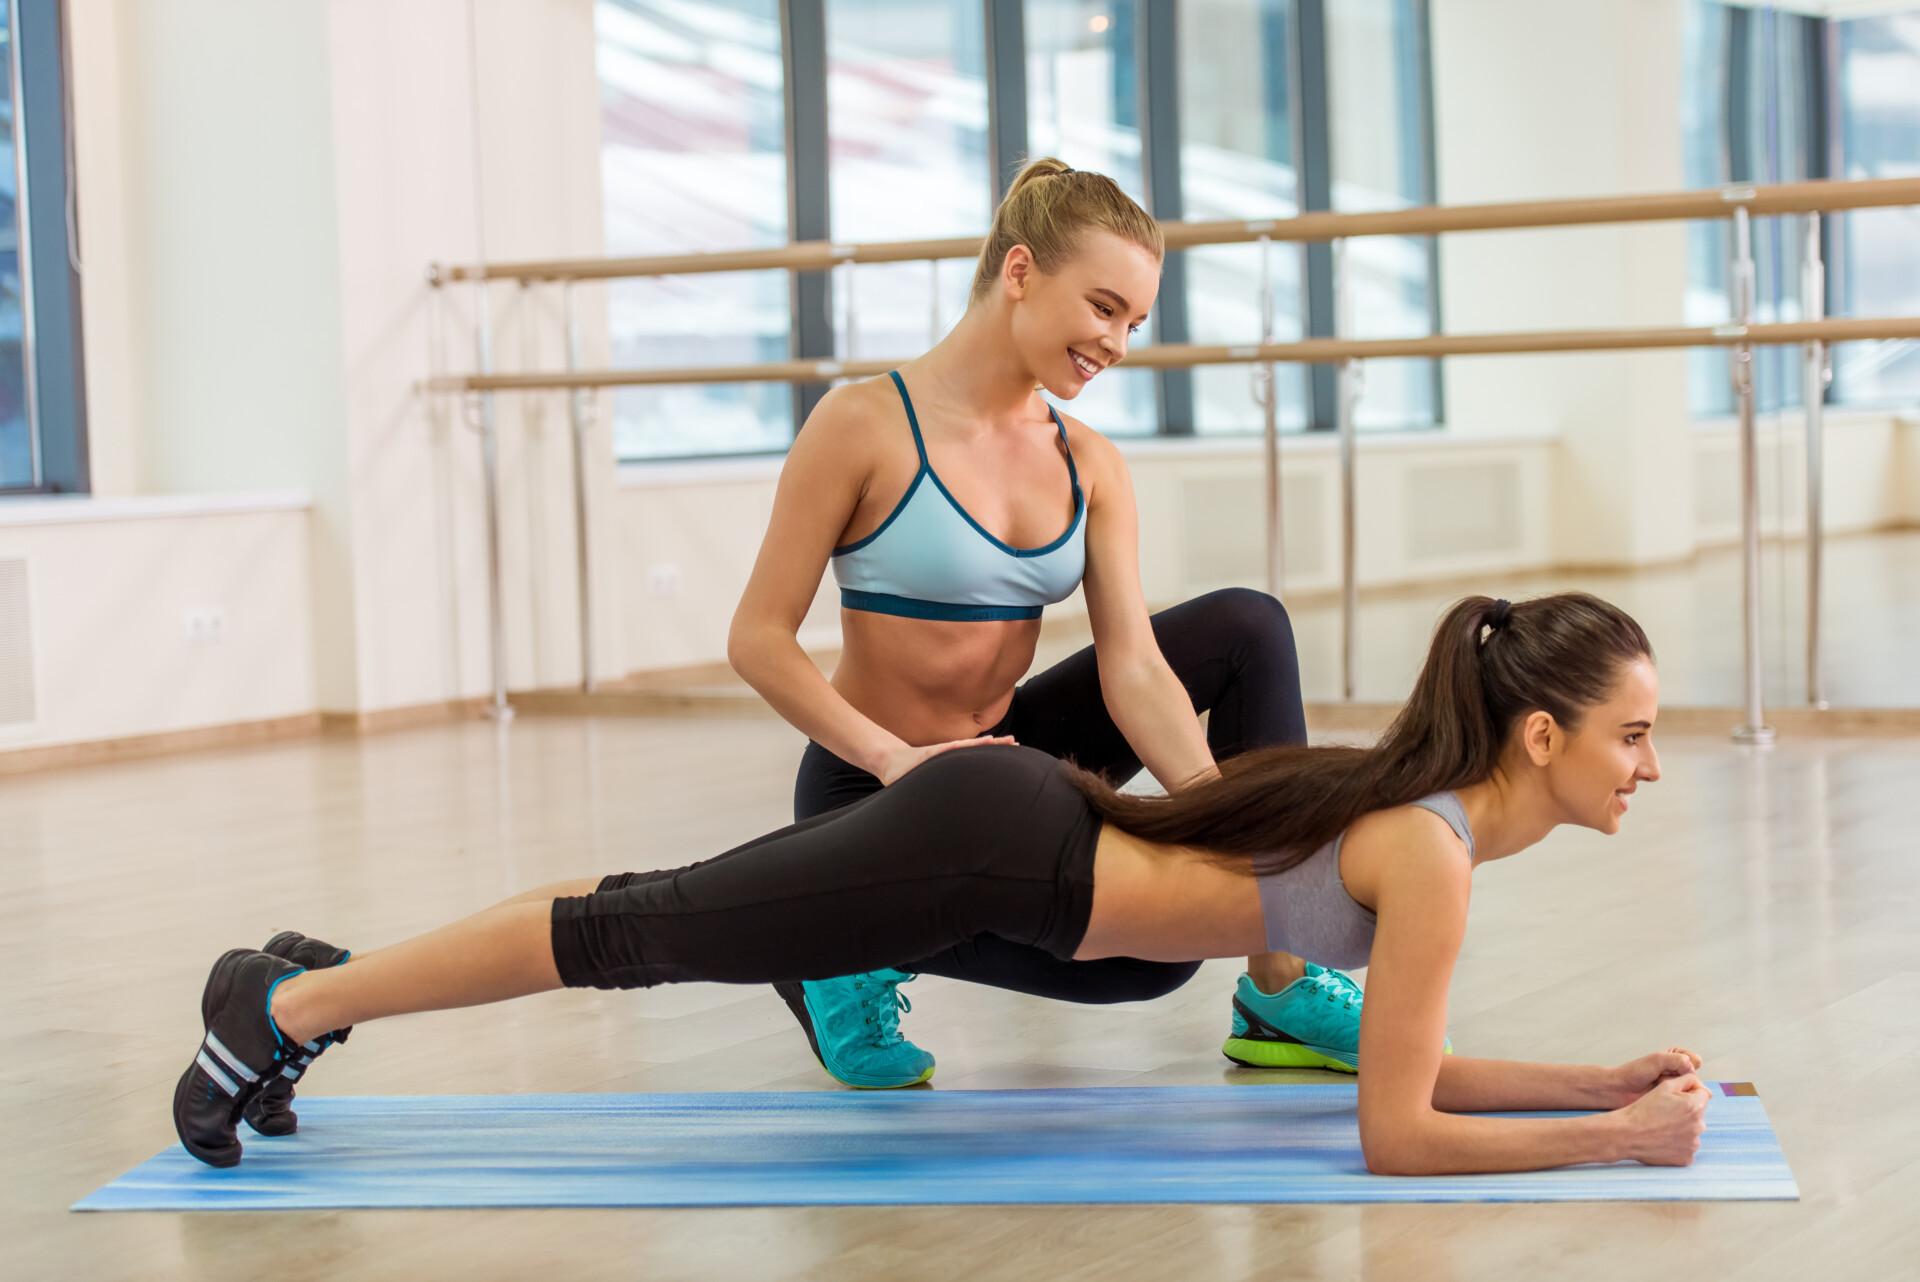 女性トレーナーと女性クライアントがマンツーマンでパーソナルトレーニングを行なっている。